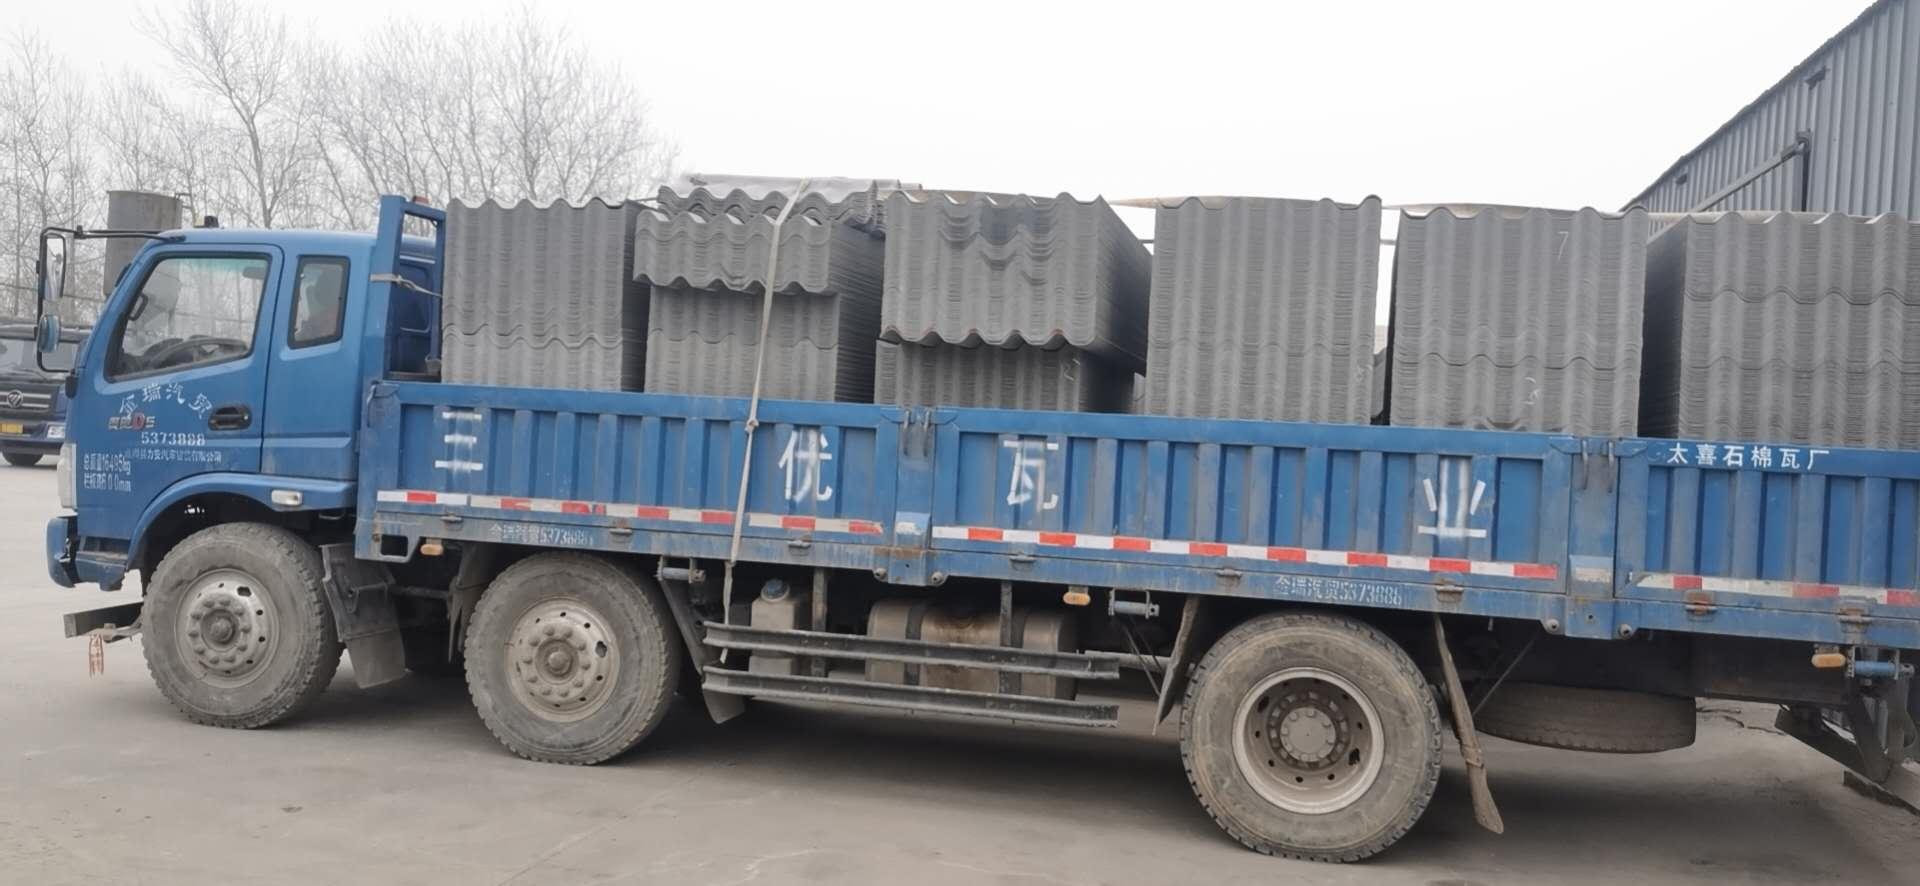 北京北京瀚邦基业厂家直供屋面水泥瓦 金属瓦 陶... - 中国供应商